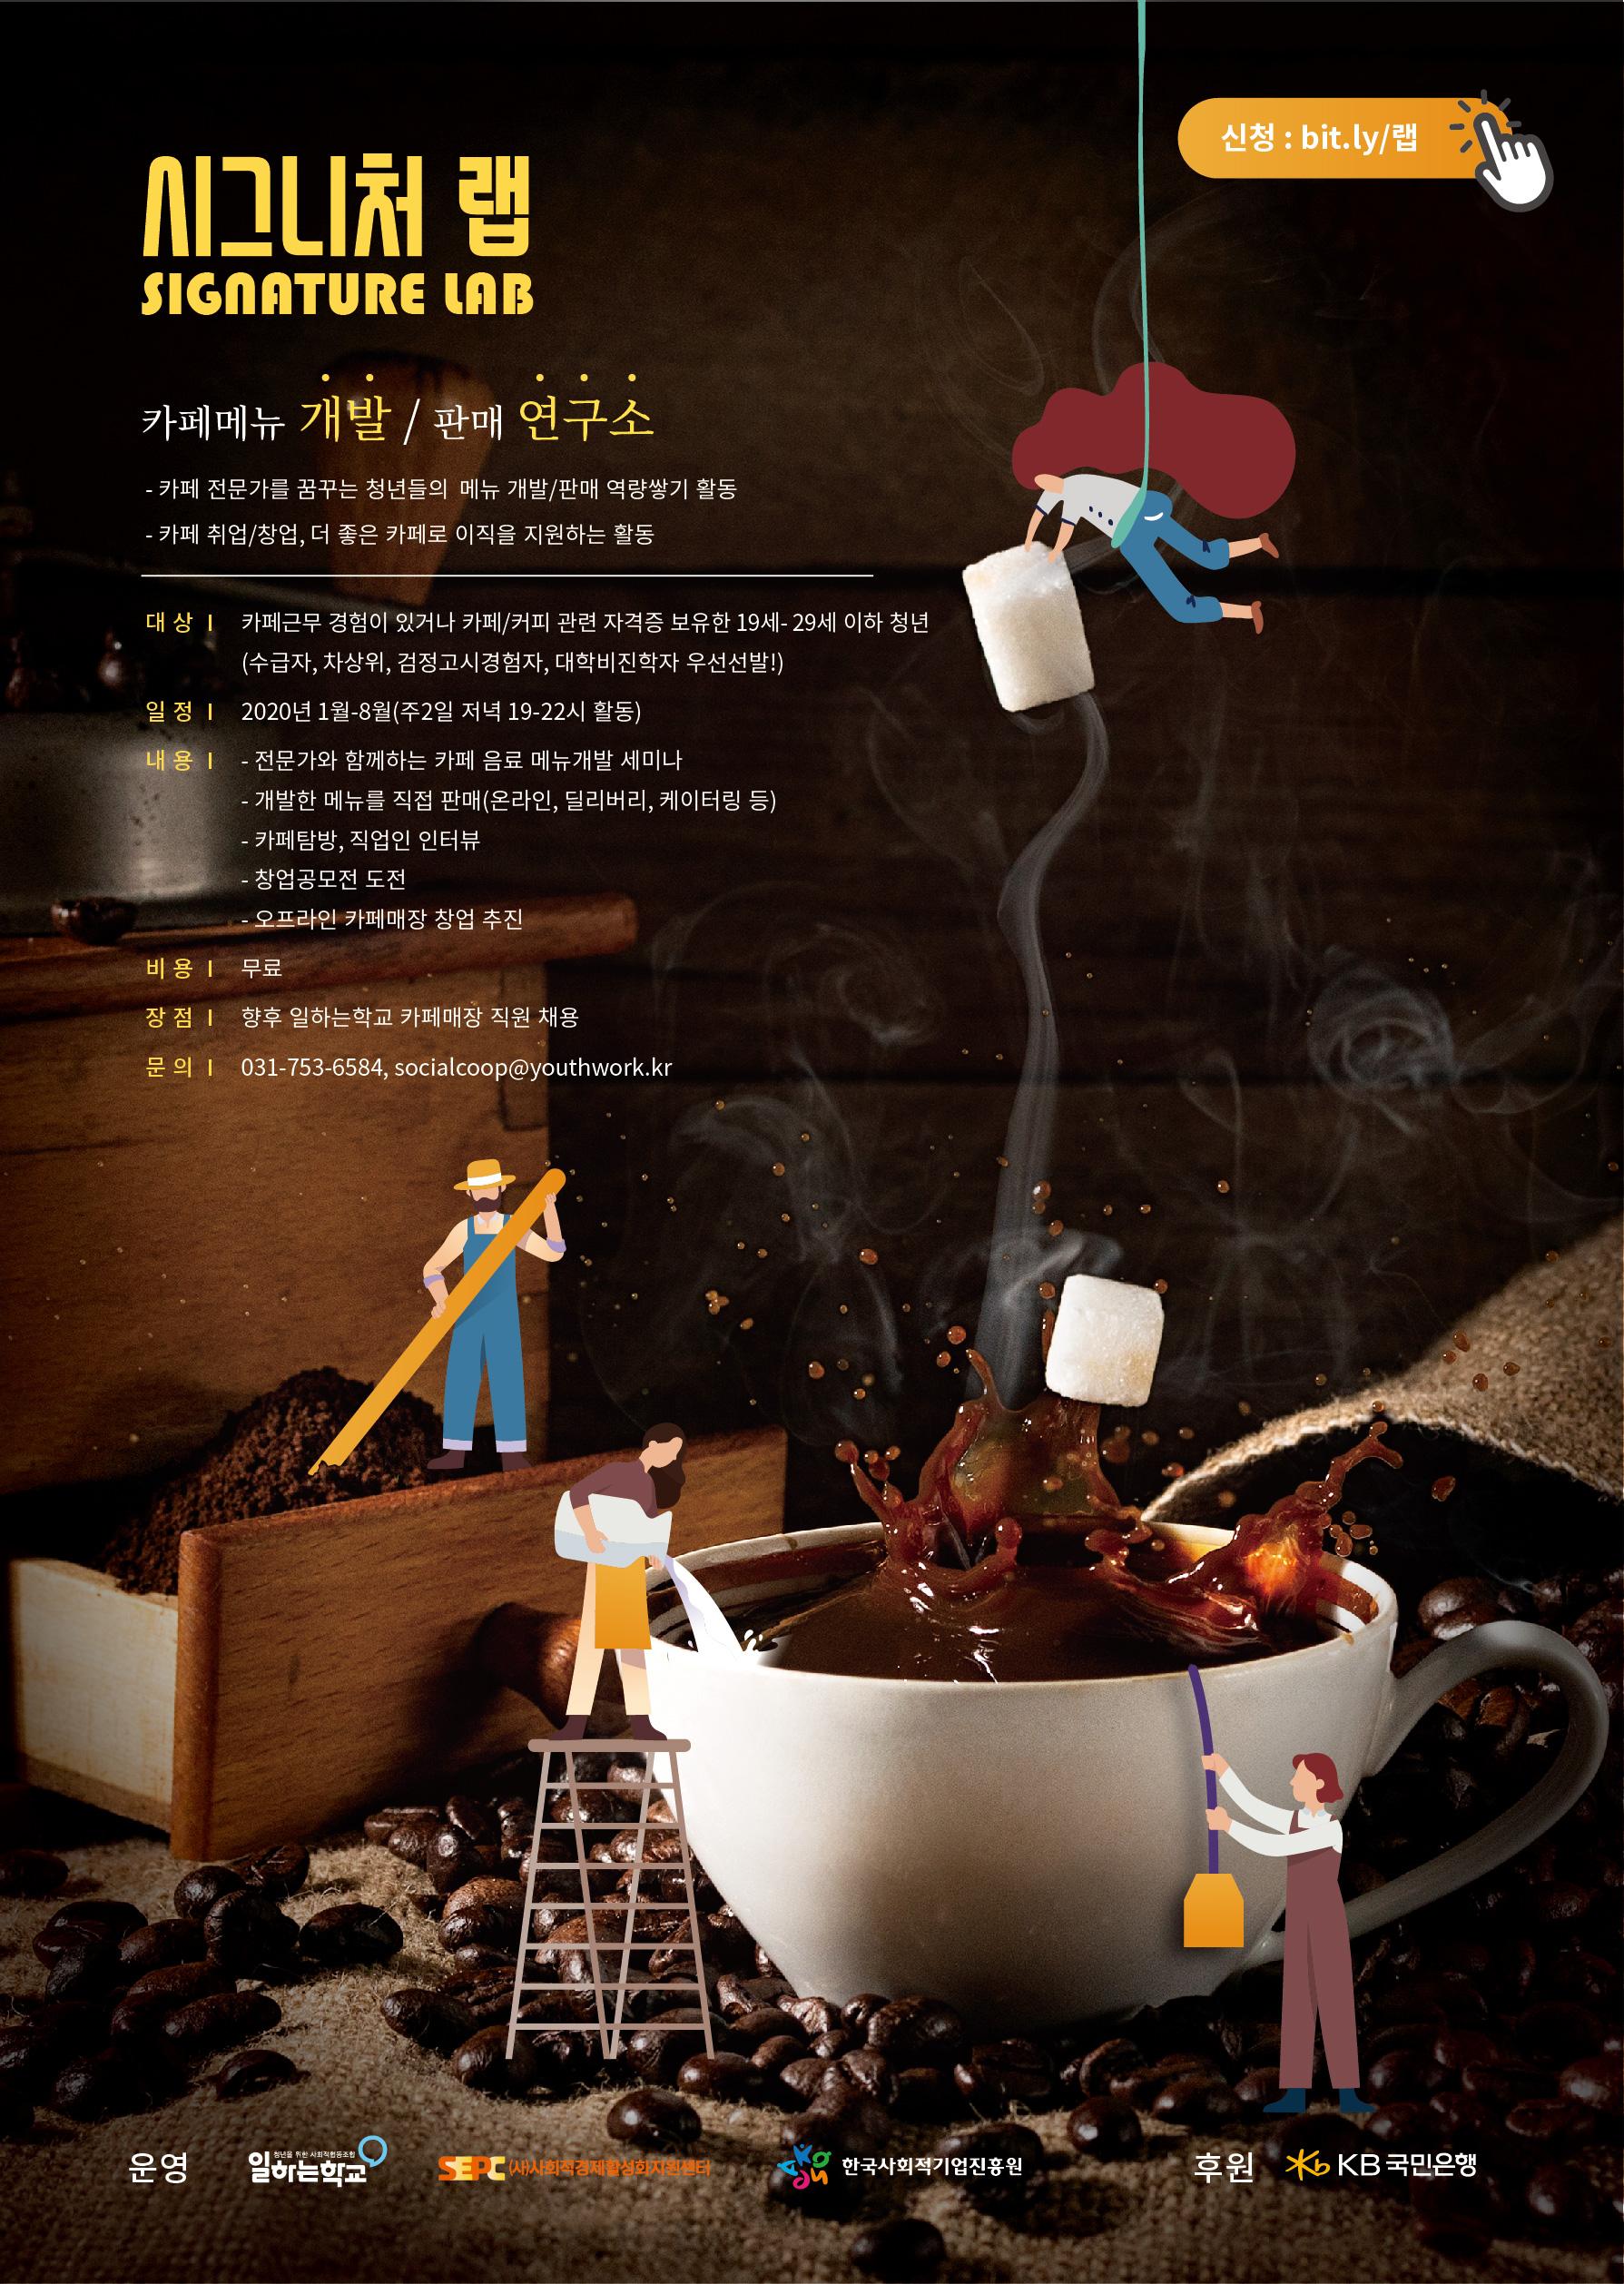 카페 음료 메뉴 연구/개발팀:'시그니처랩' 을 시작합니다